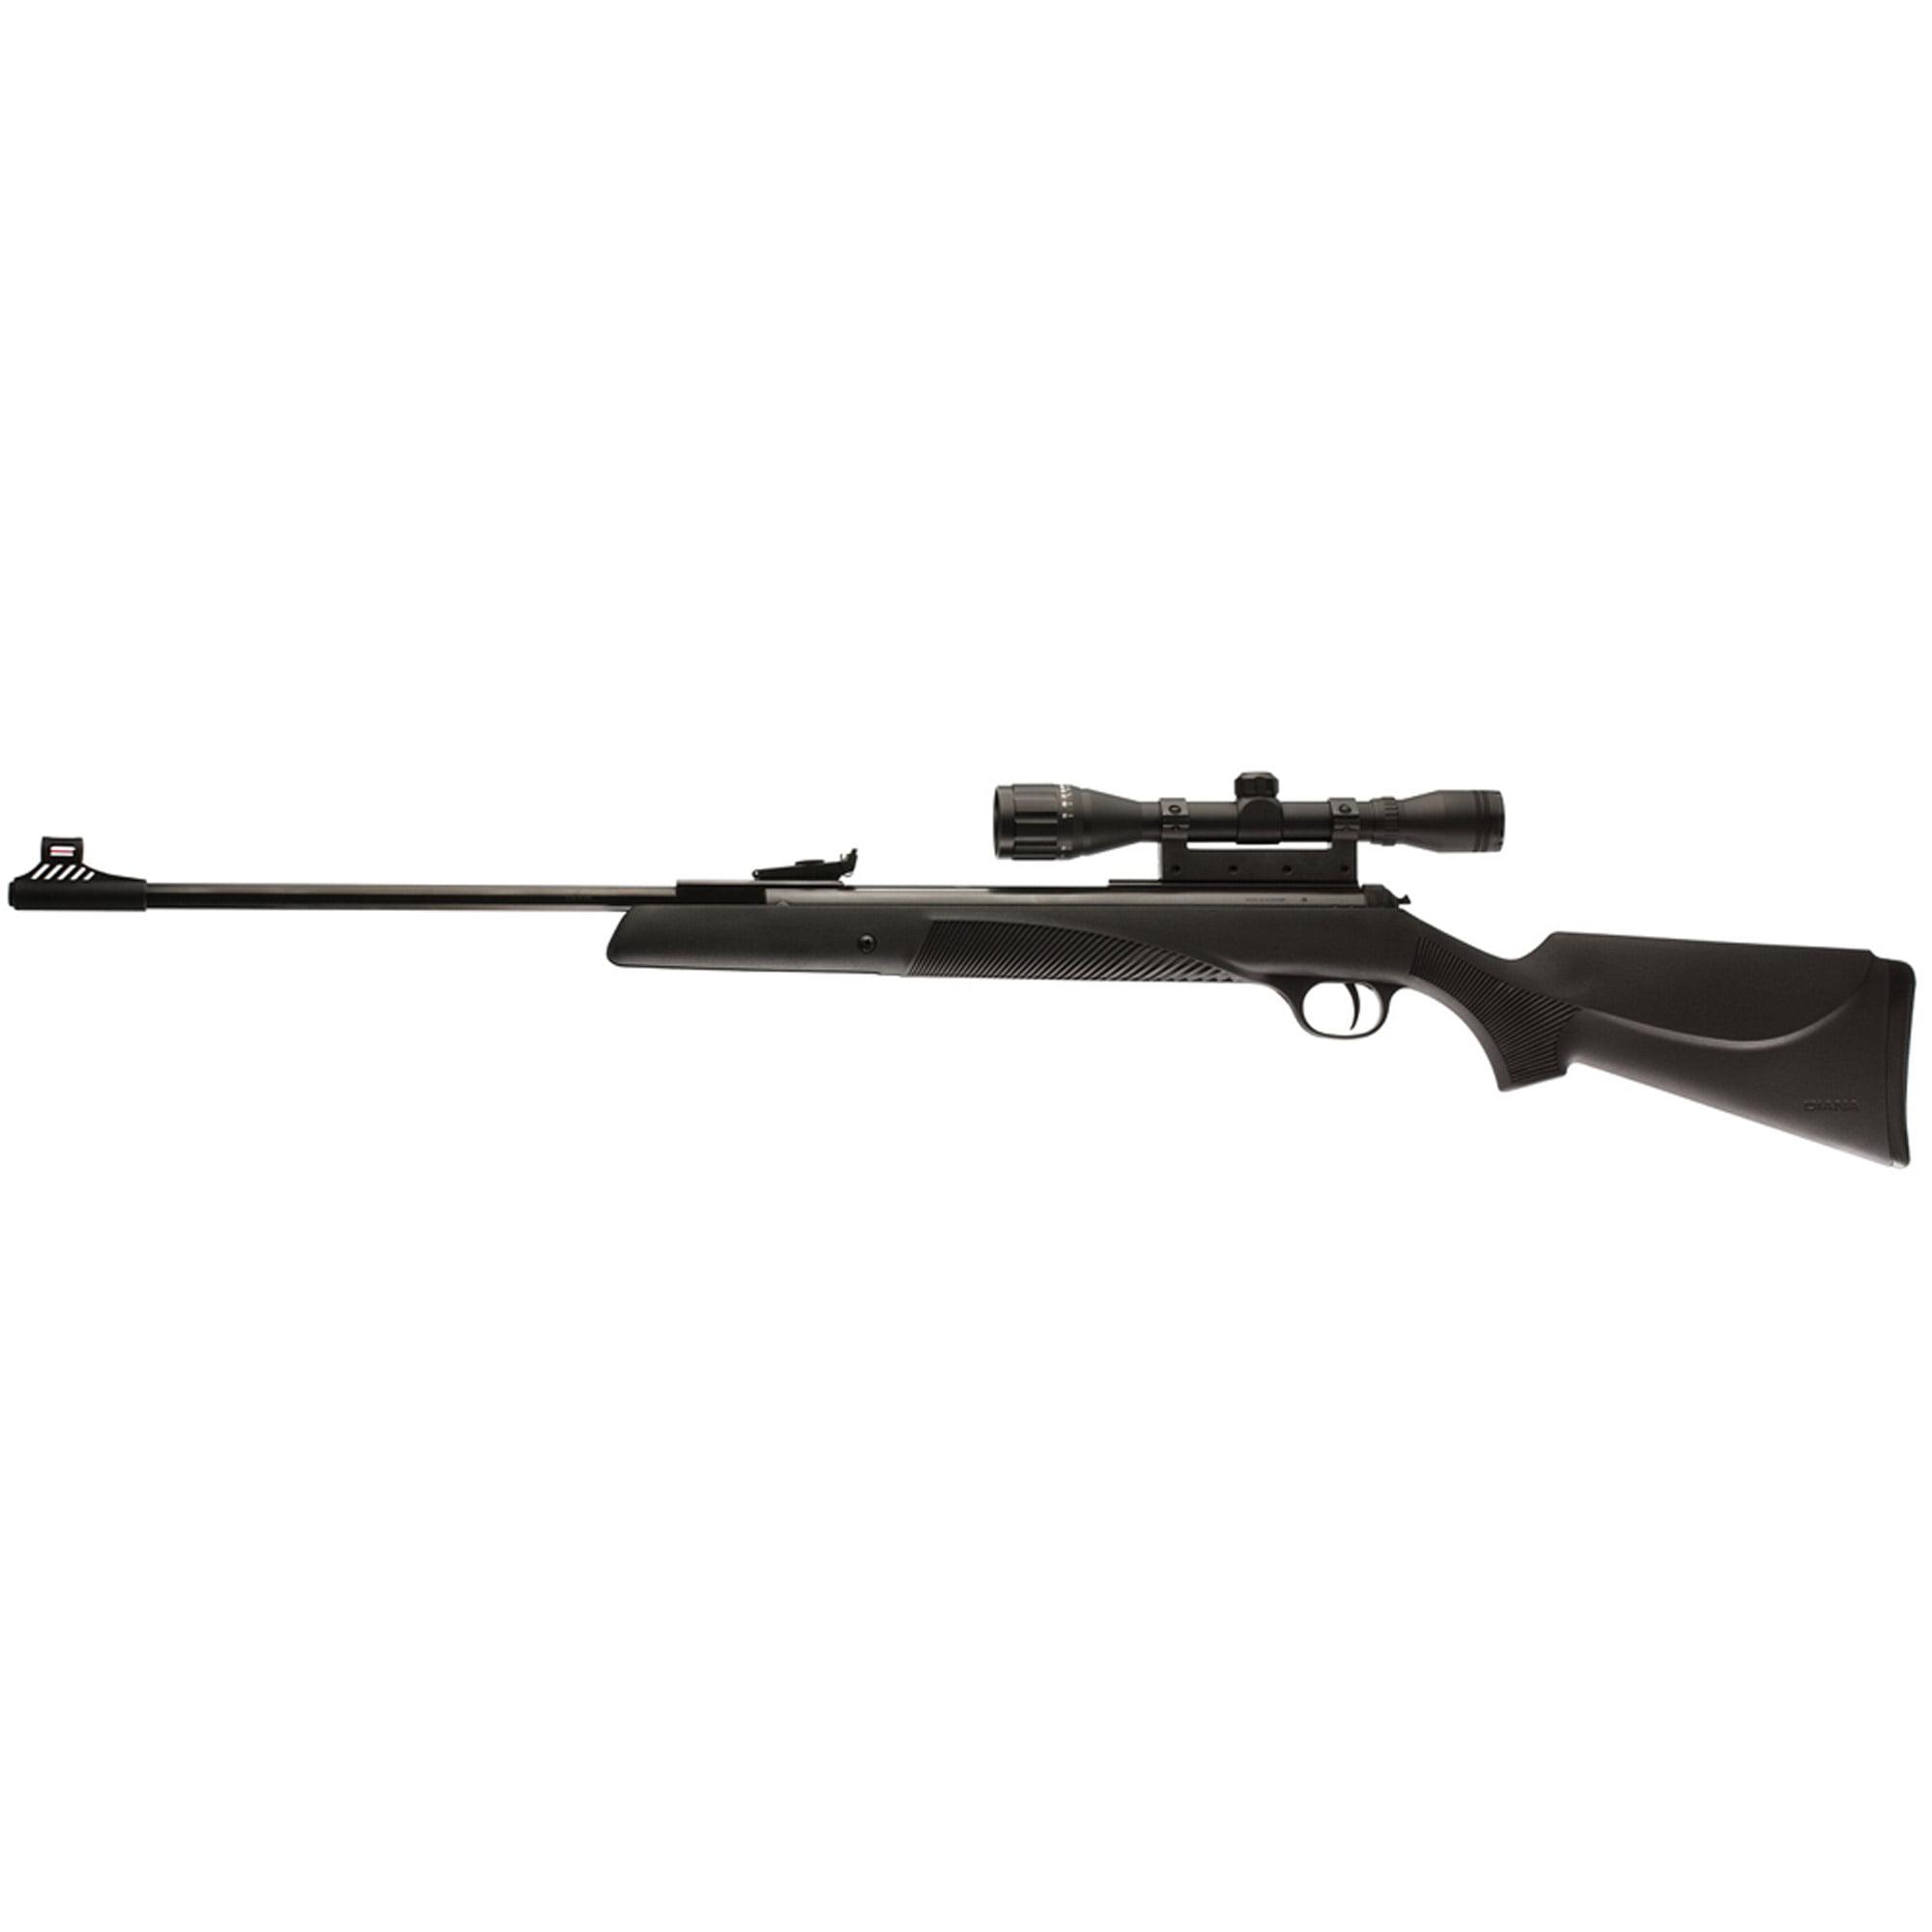 RWS Pellet Air Rifle 0.22cal w Sope by Umarex